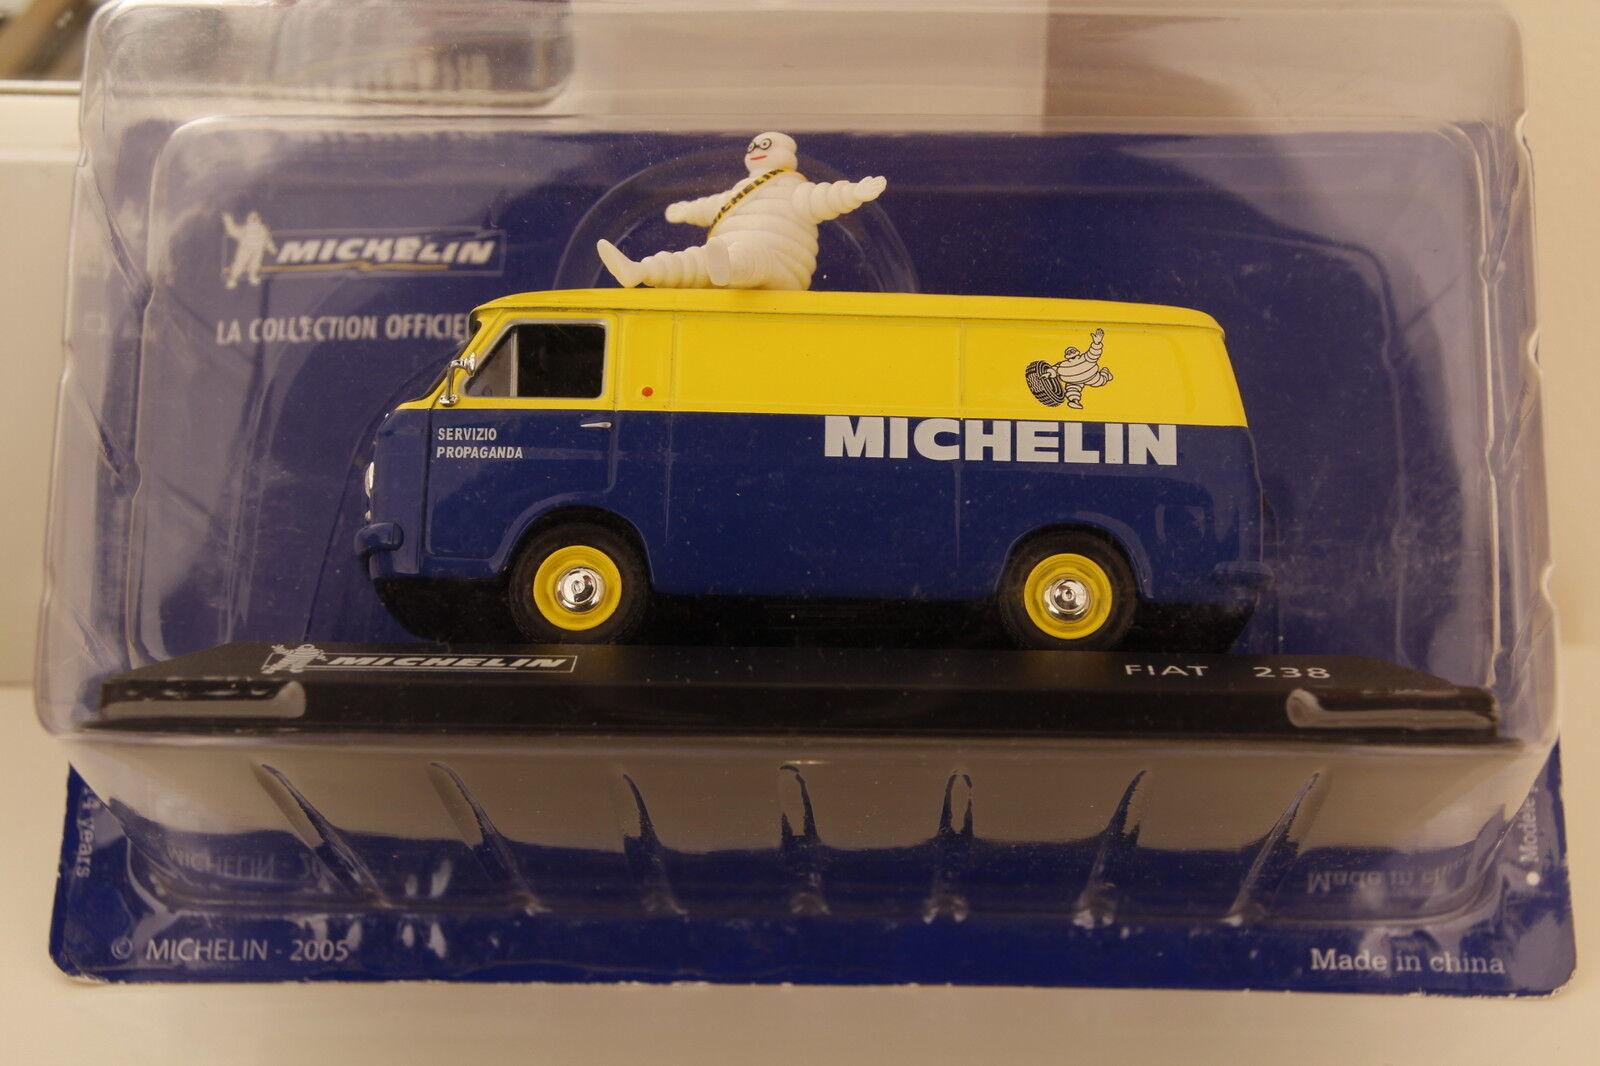 Articolo Articolo Articolo FIAT 238 Michelin 2005 Promotion Propaganda Van 1 43 scale diecast 24a060